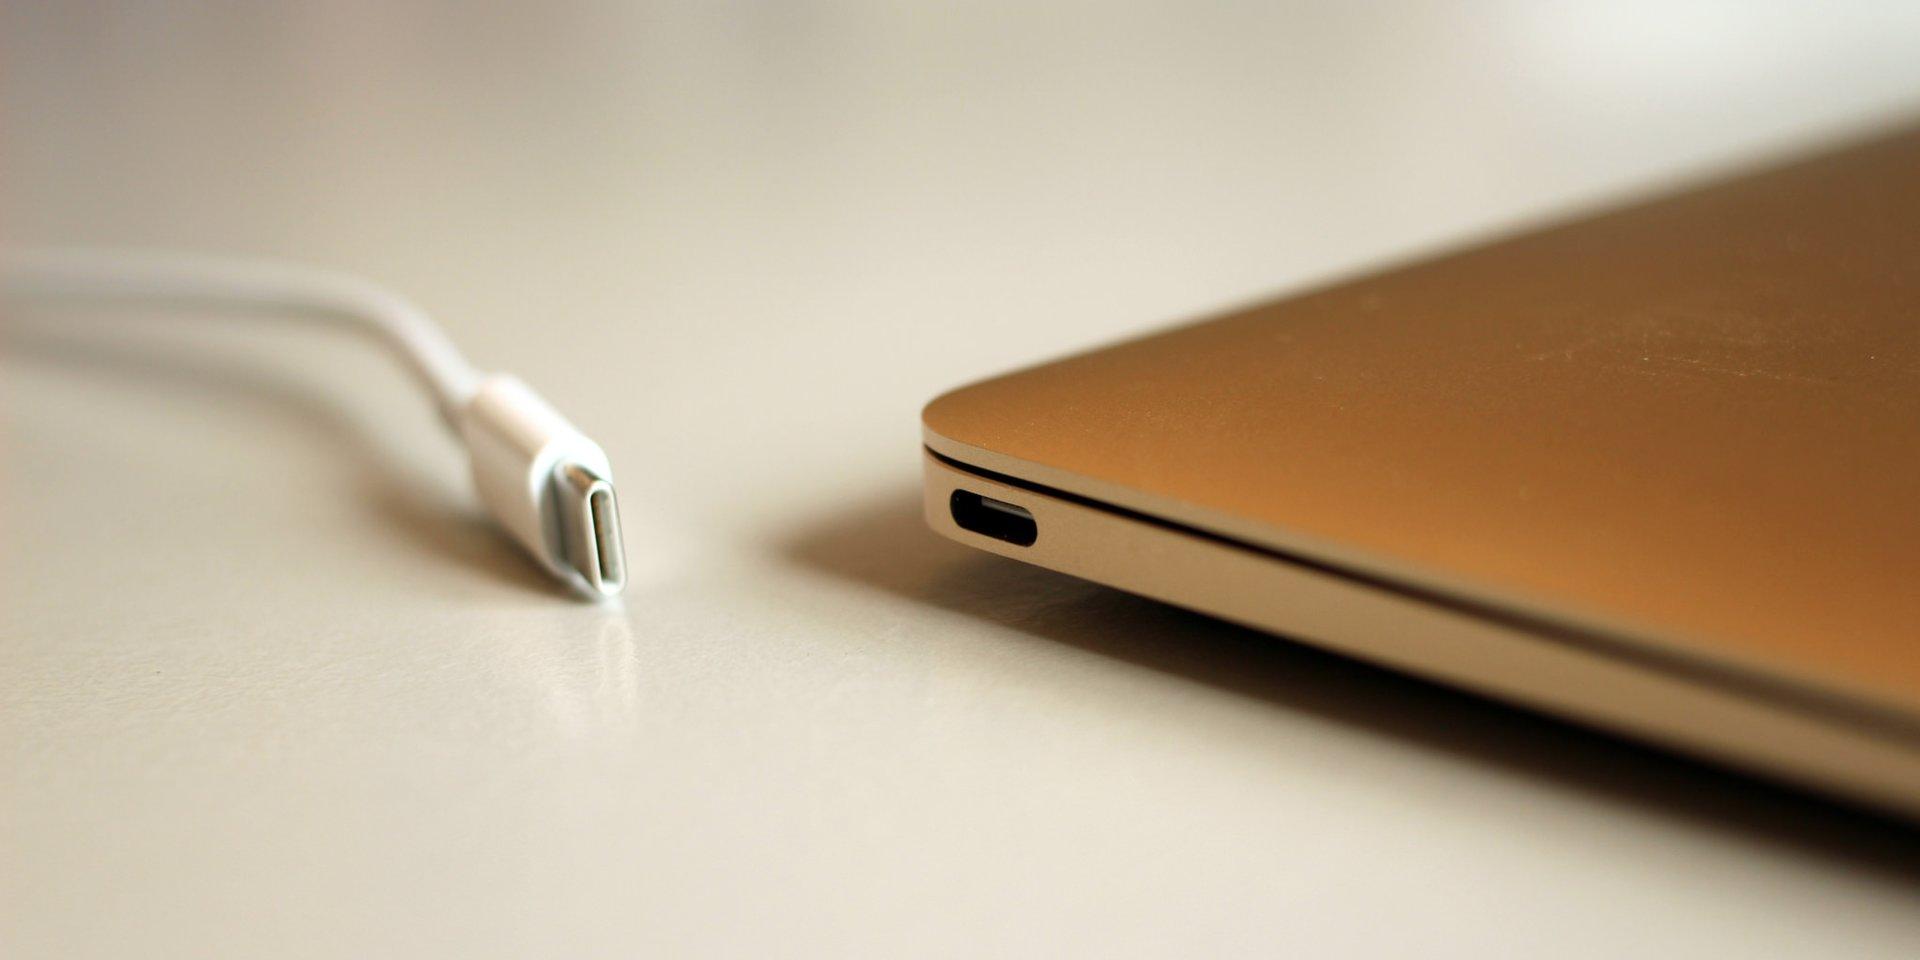 Стоило ли Apple избавляться от магнитной зарядки MagSafe - фото 3 | Сервисный центр Total Apple